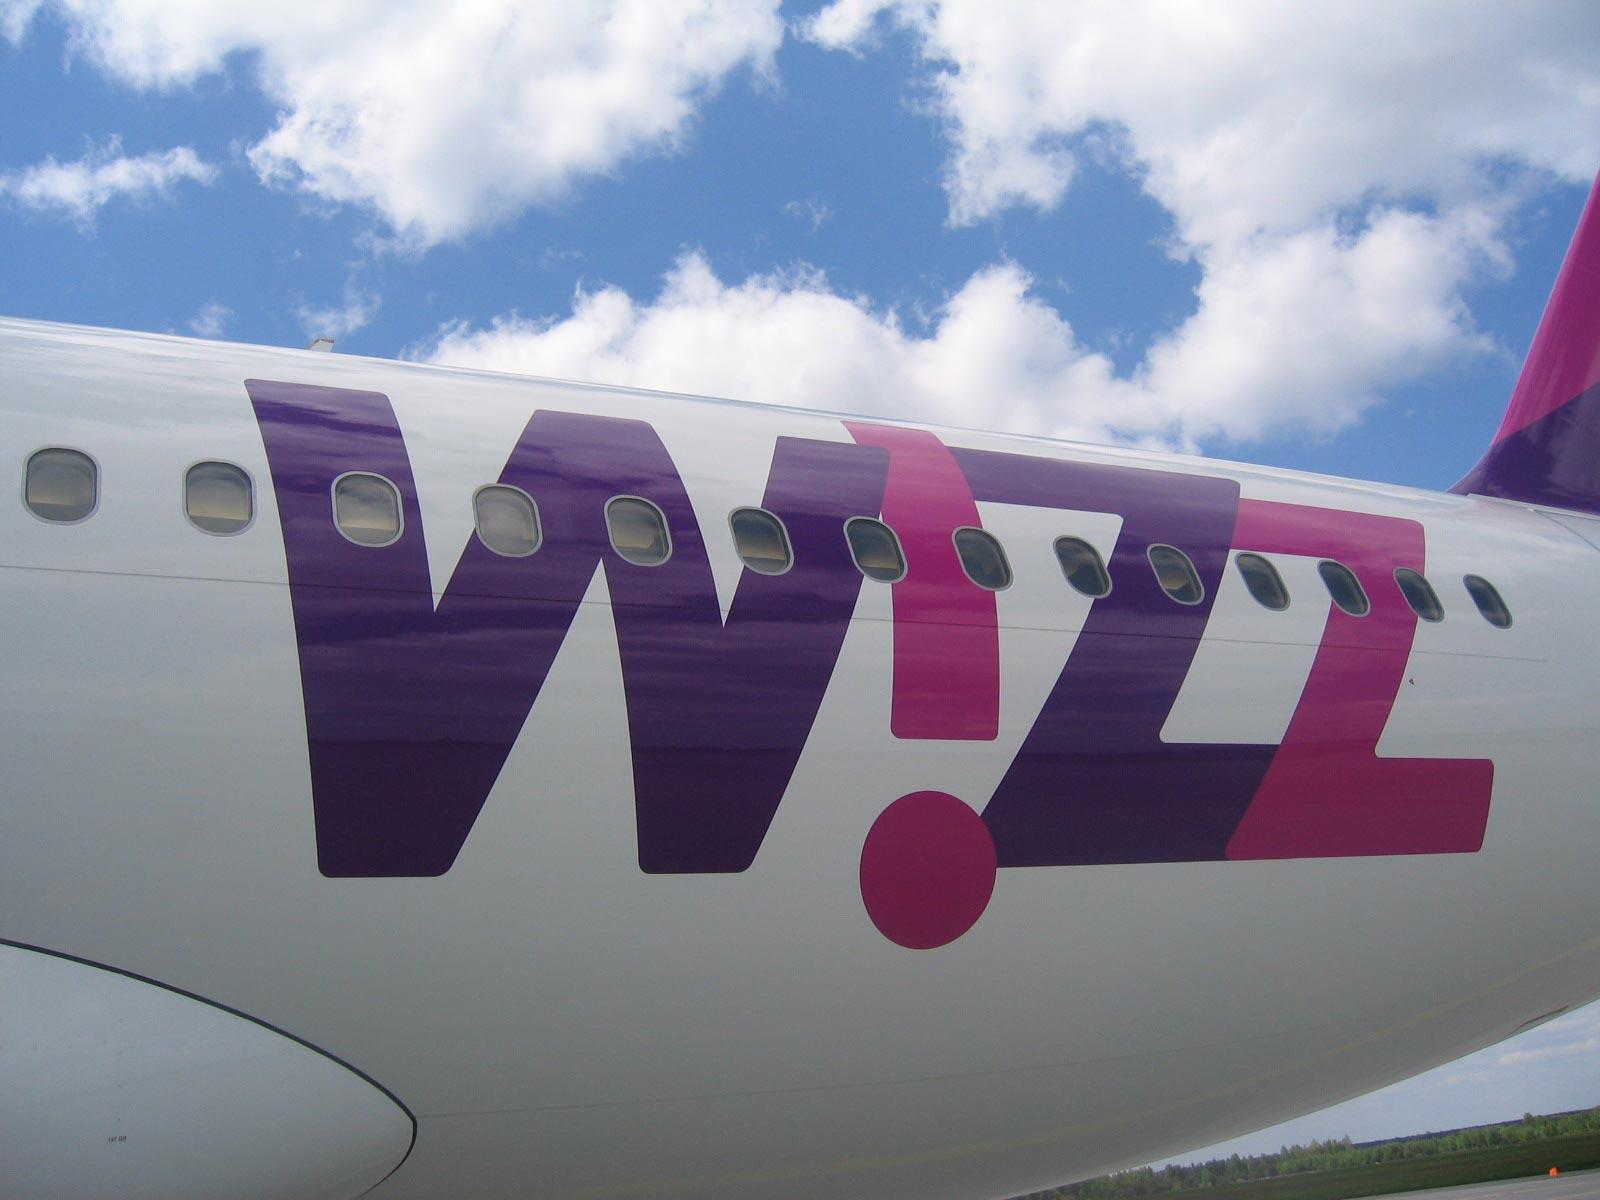 Wizzair skrydžiai skelbia naujienos